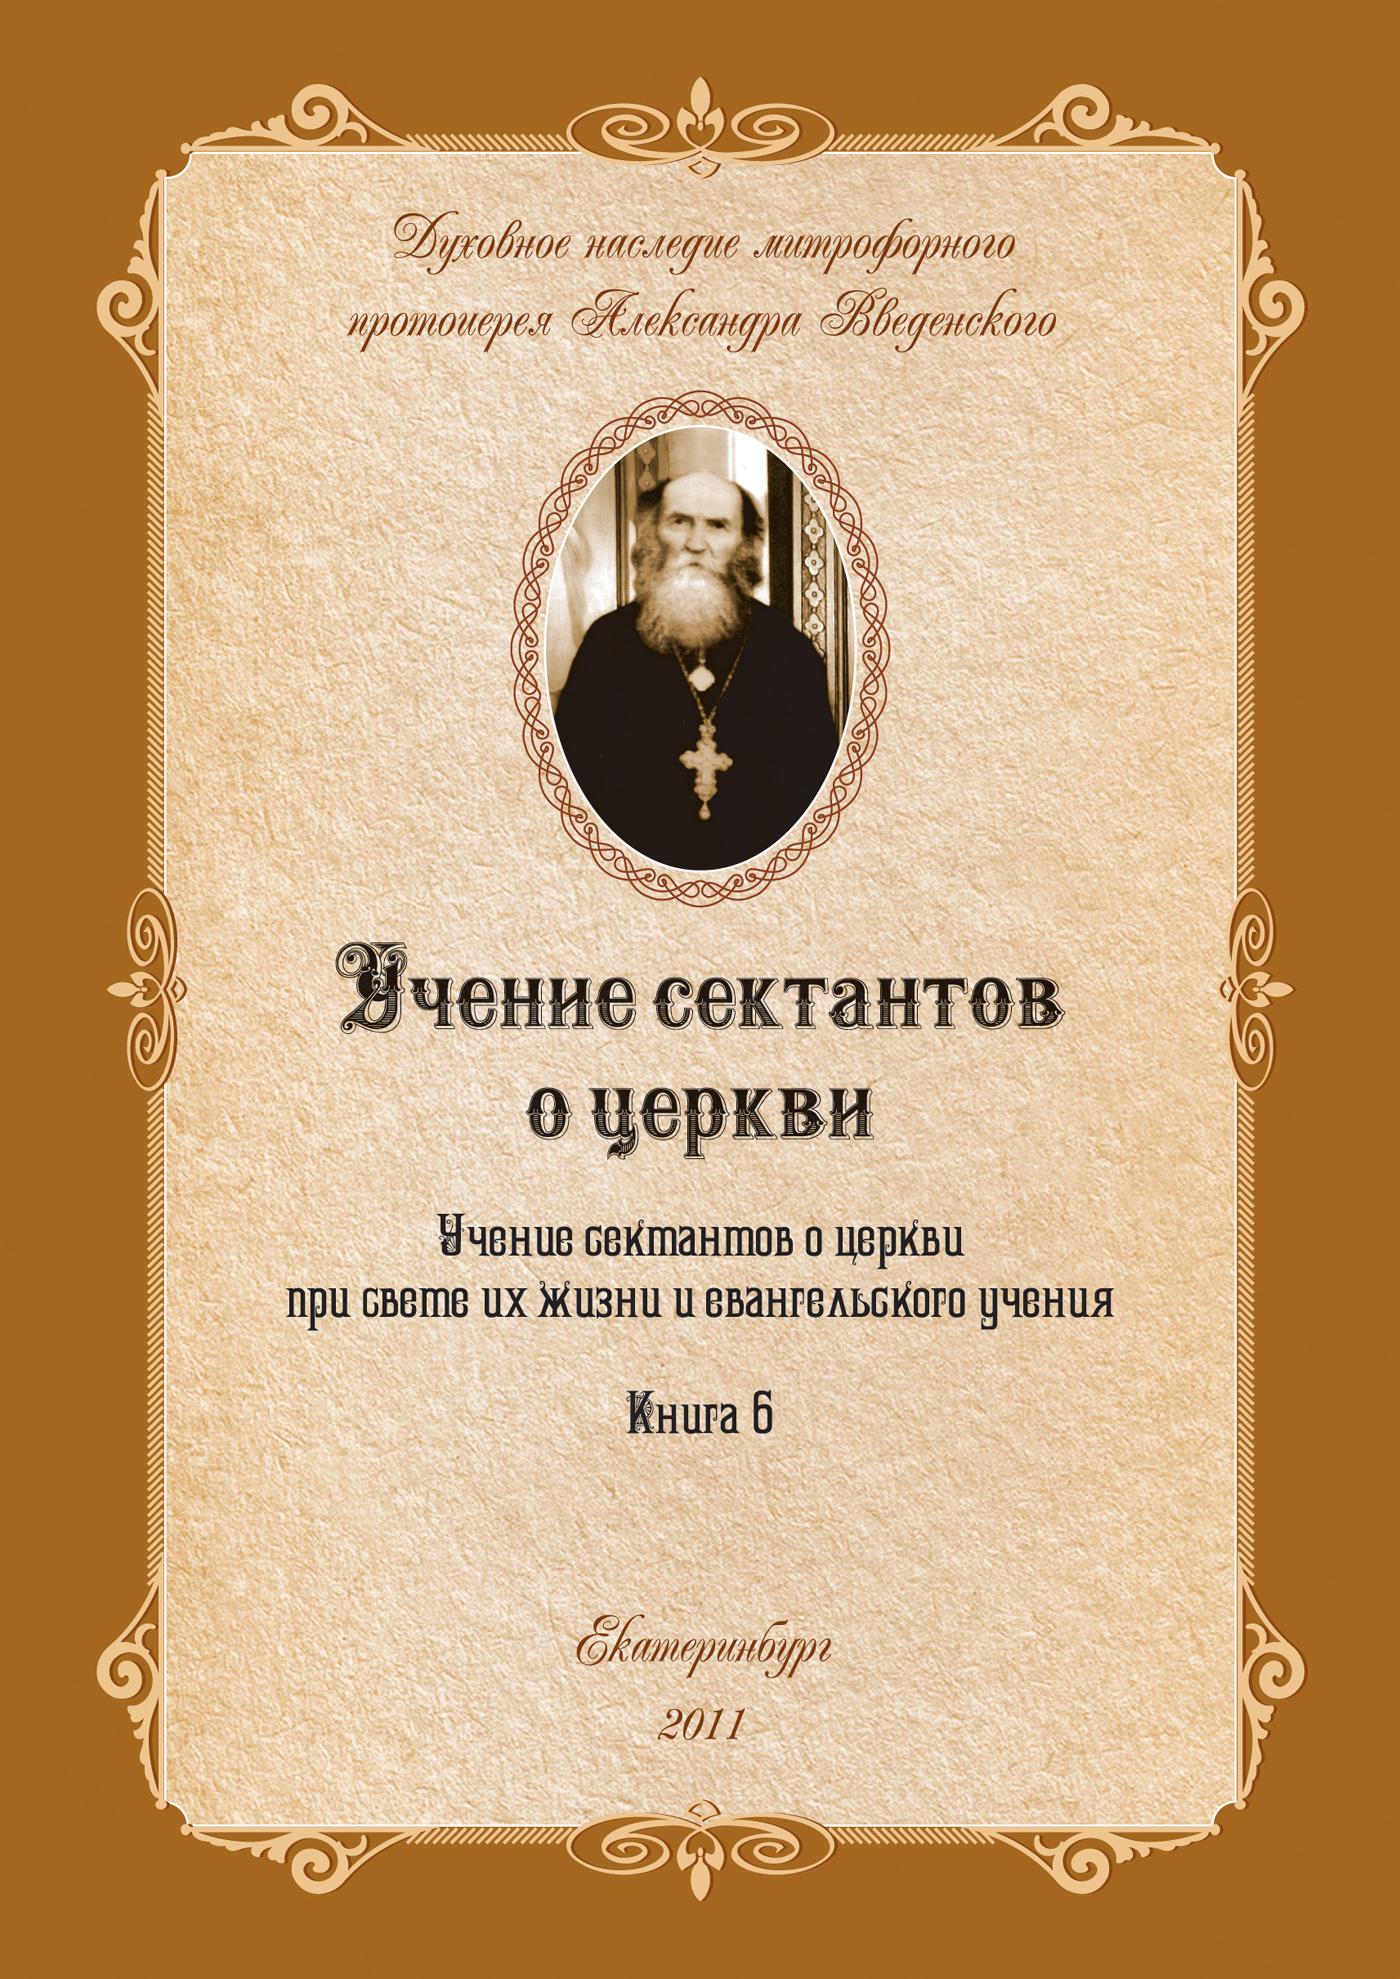 Учение сектантов о церкви при cвете их жизни и евангельского учения